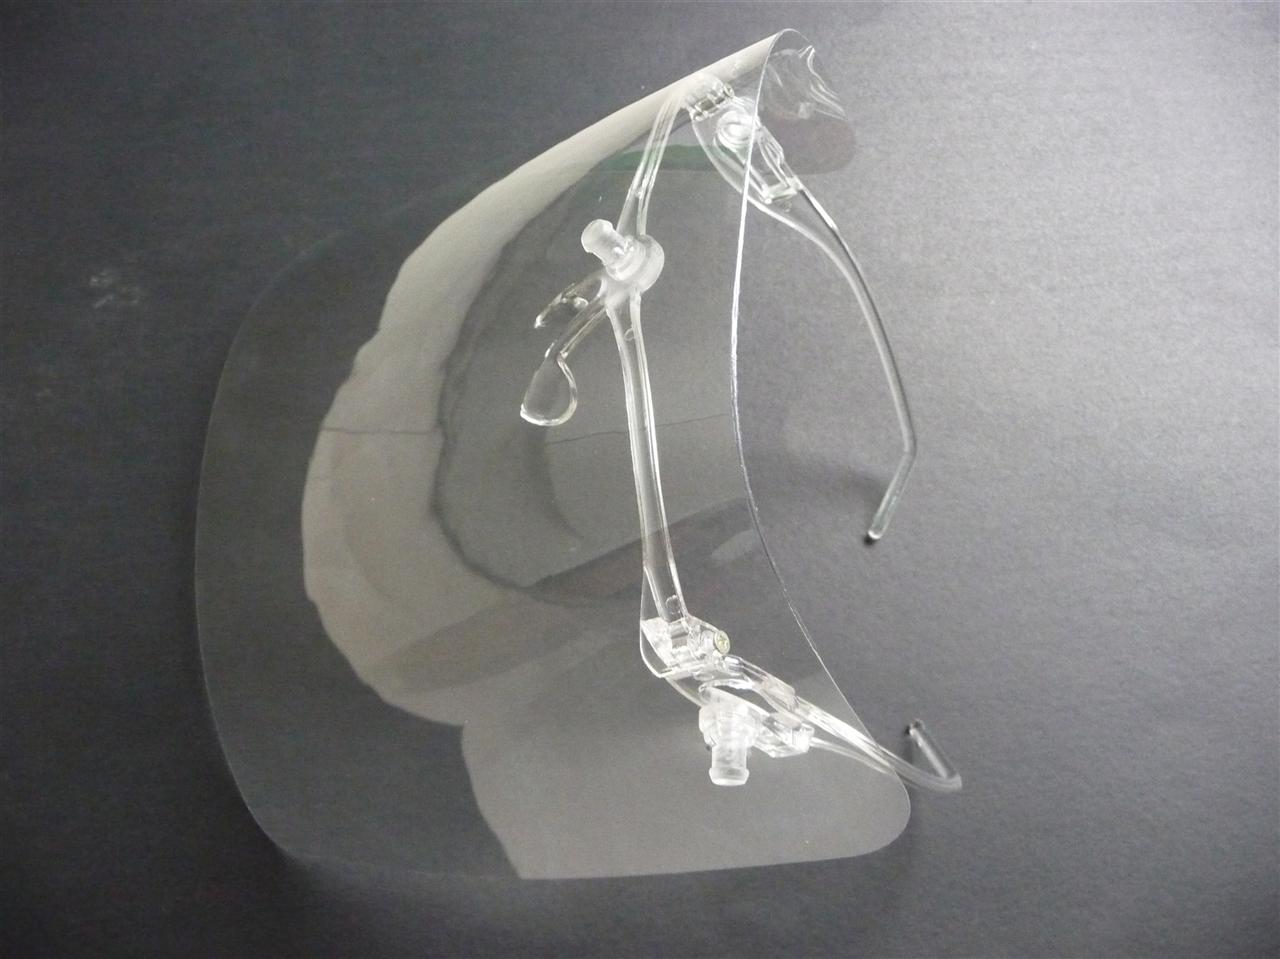 带镜架的防雾面罩